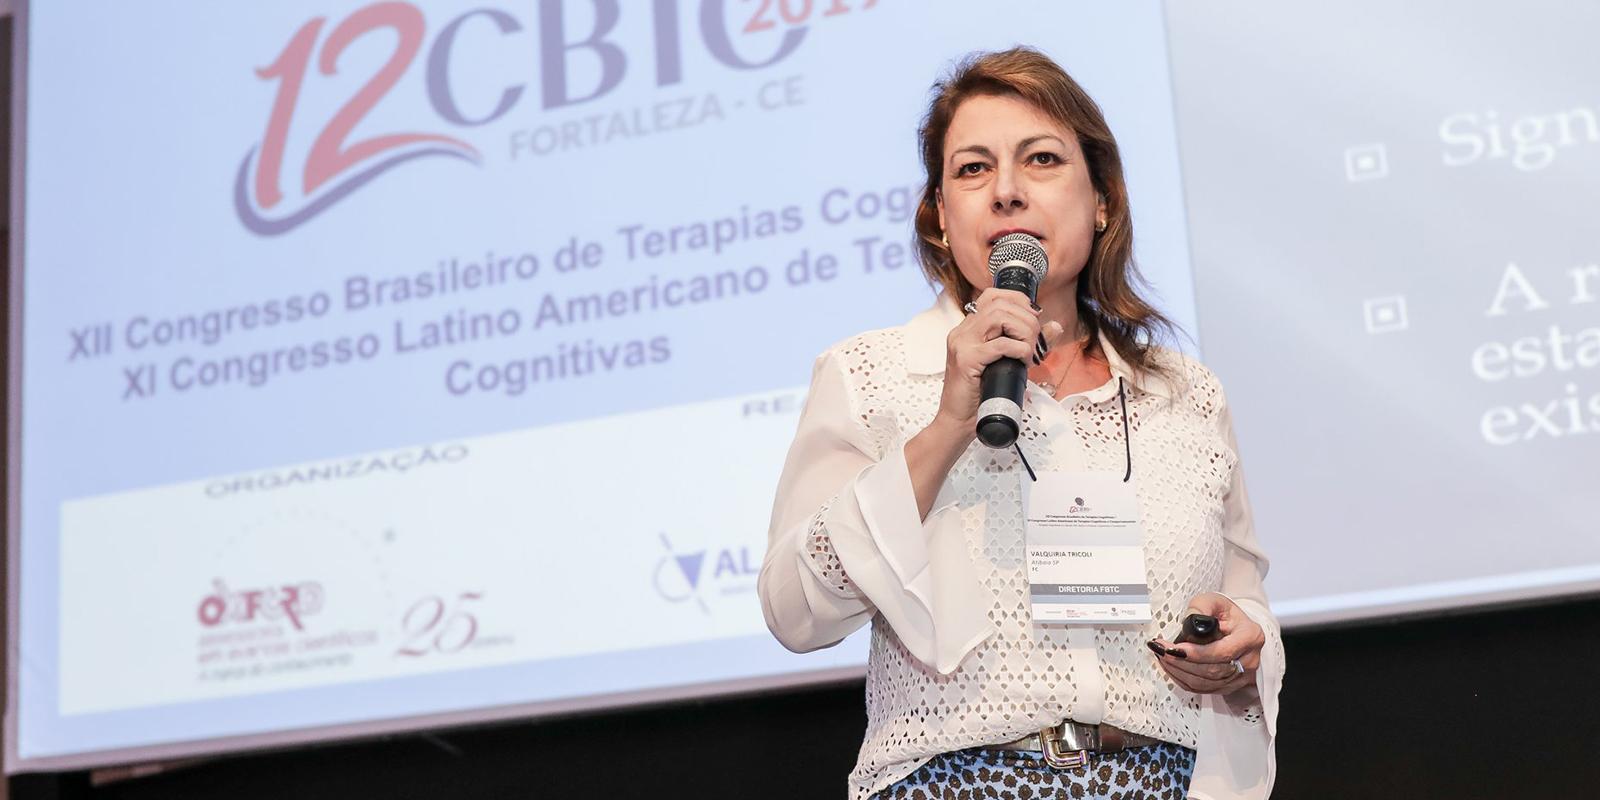 Crédito Foto - Federação Brasileira Terapias Cognitivas